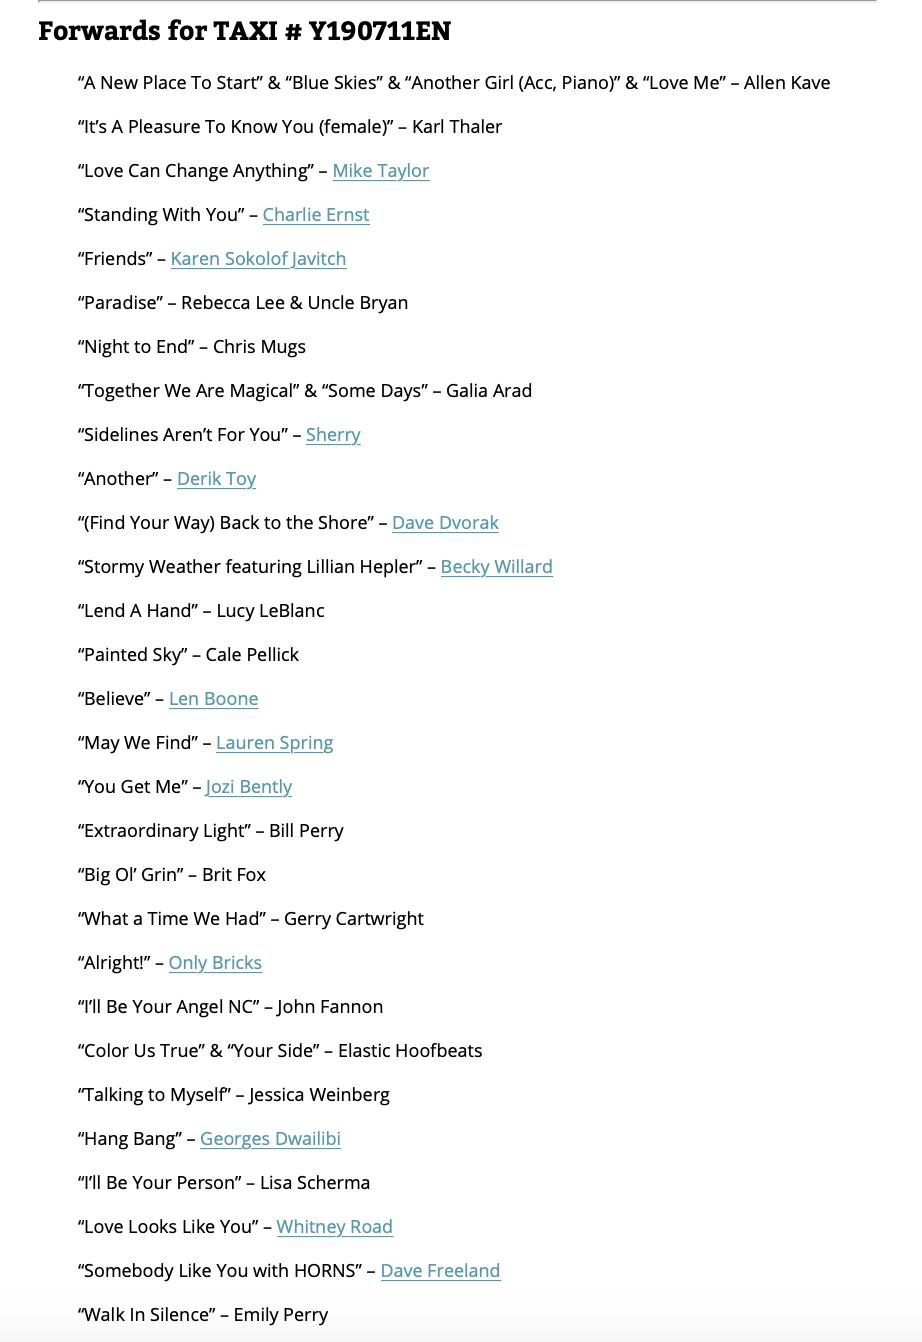 many songs forwarded